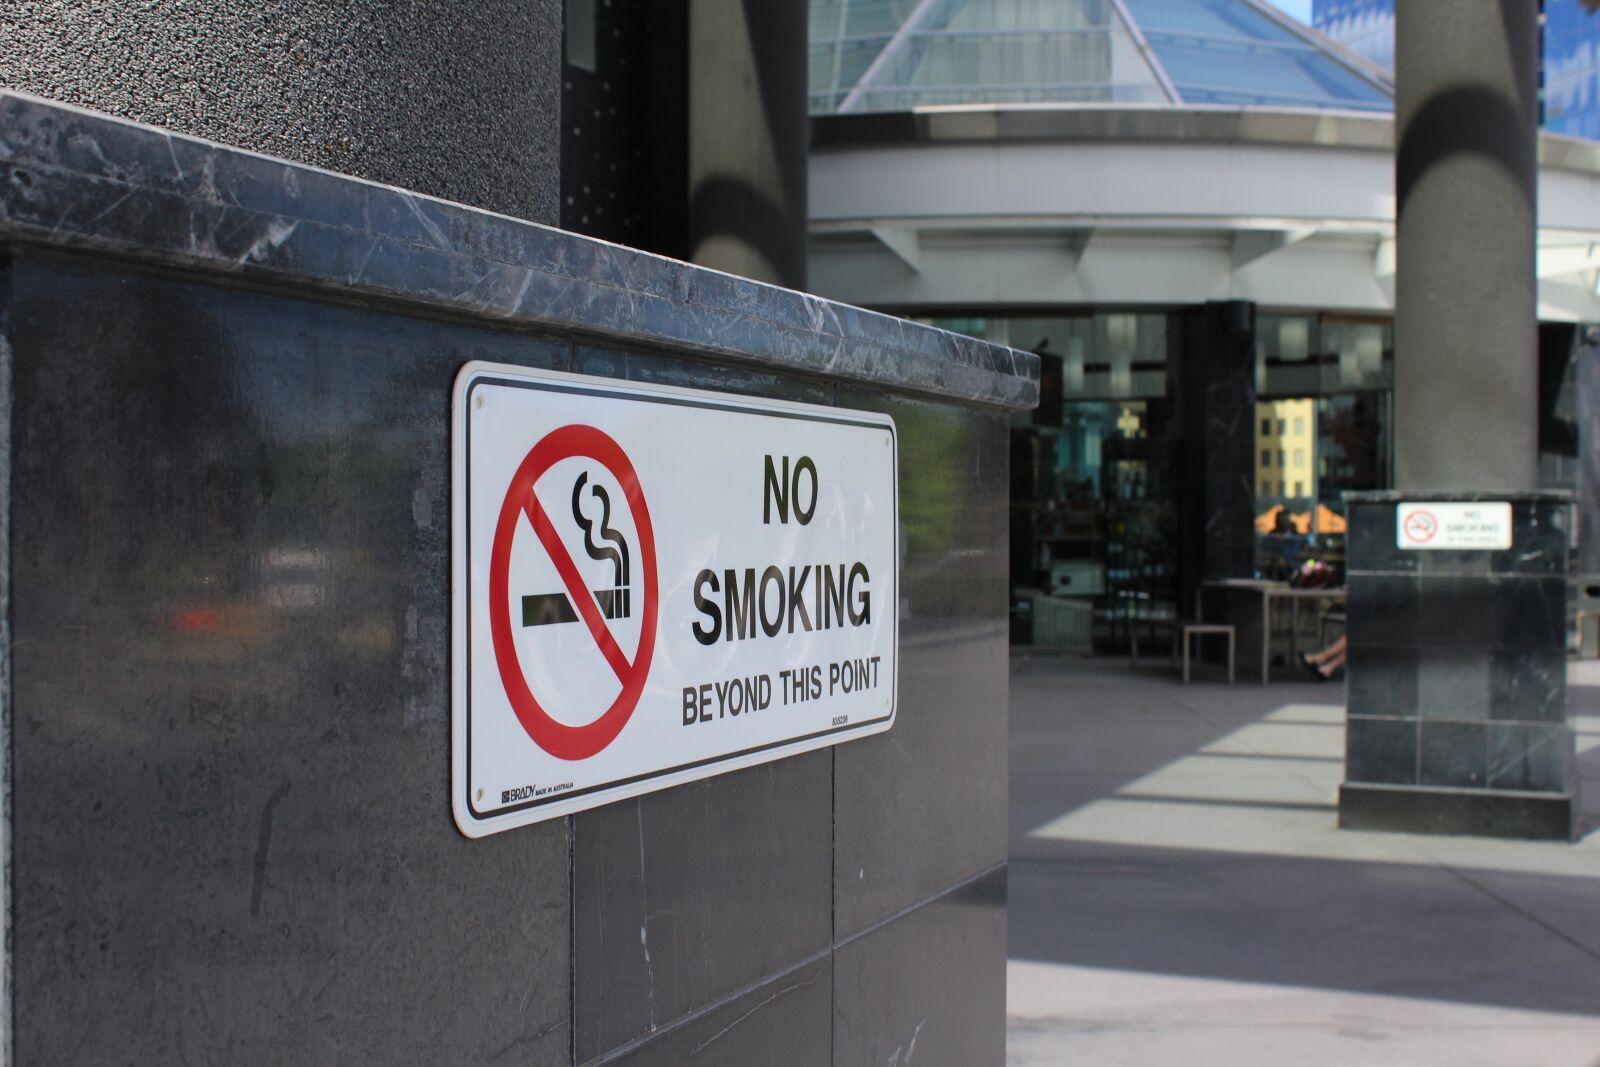 Νόμιμη η απαγόρευση καπνίσματος σε ταβέρνες, εστιατόρια και μπαρ σύμφωνα με απόφαση του ΣτΕ